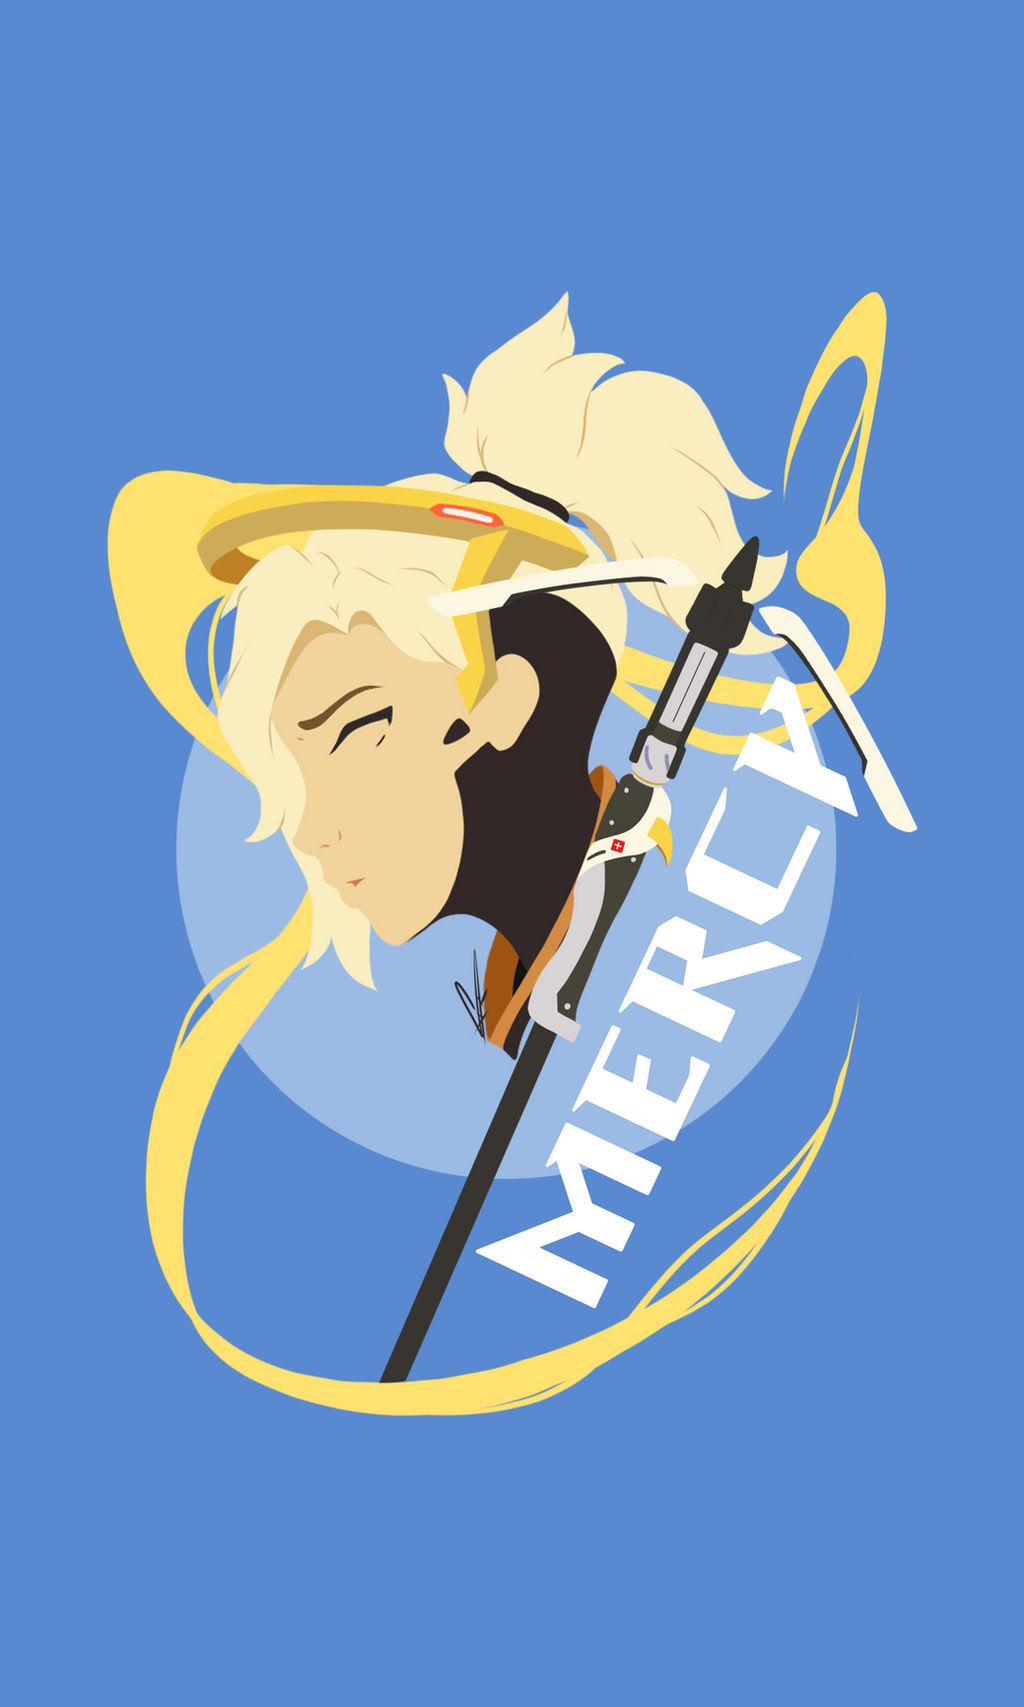 MercyPHONE by MoesArts